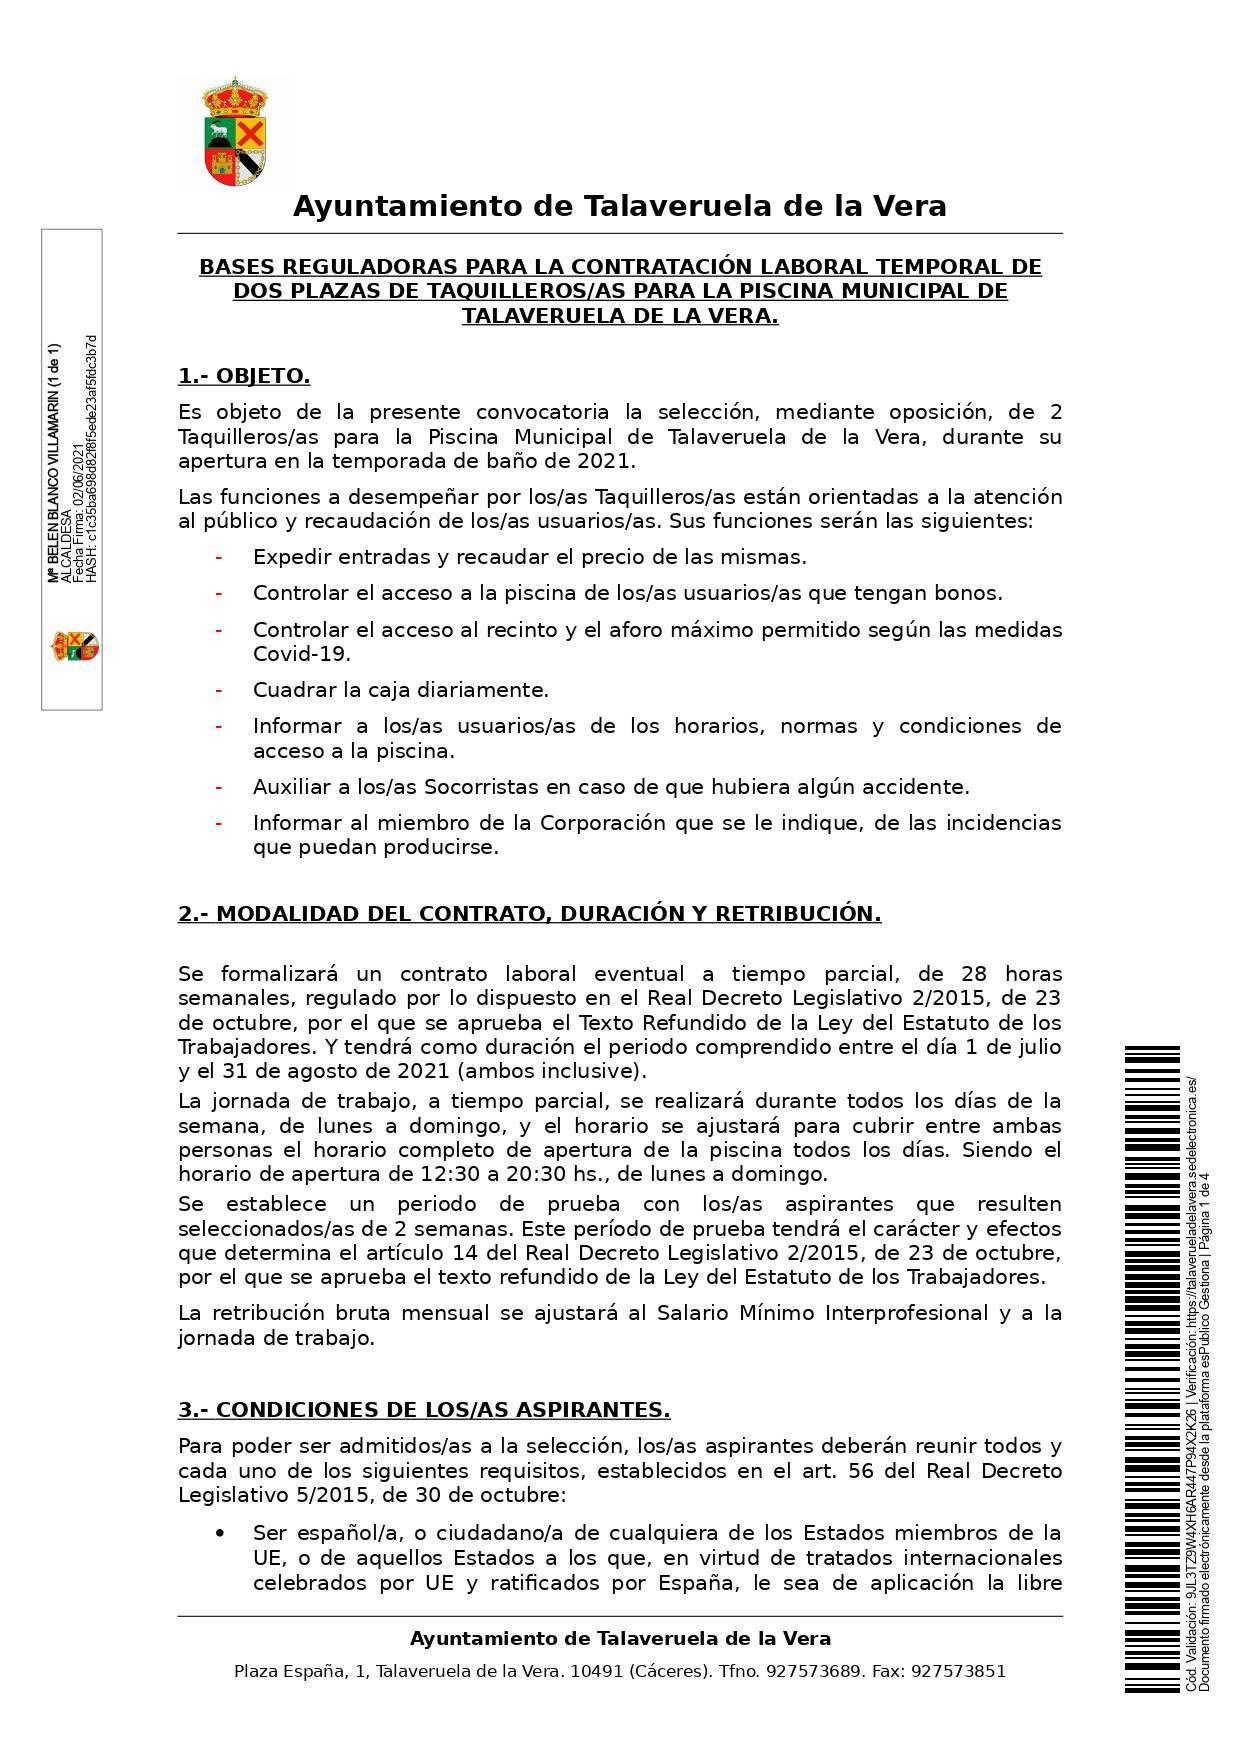 2 taquilleros-as para la piscina municipal (2021) - Talaveruela de la Vera (Cáceres) 1